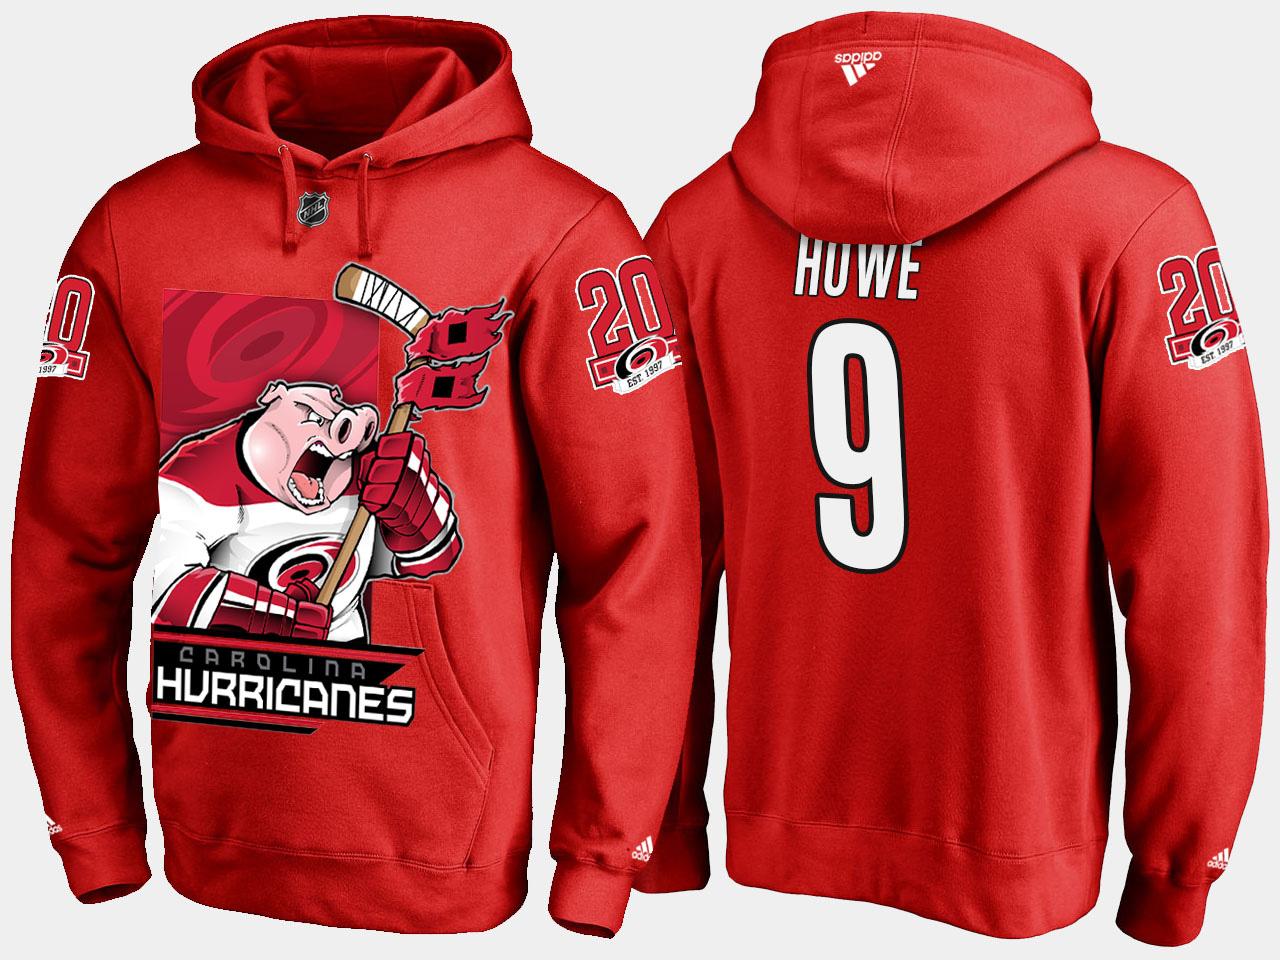 Men's Red Carolina Hurricanes Gordie Howe Cartoon Hoodie